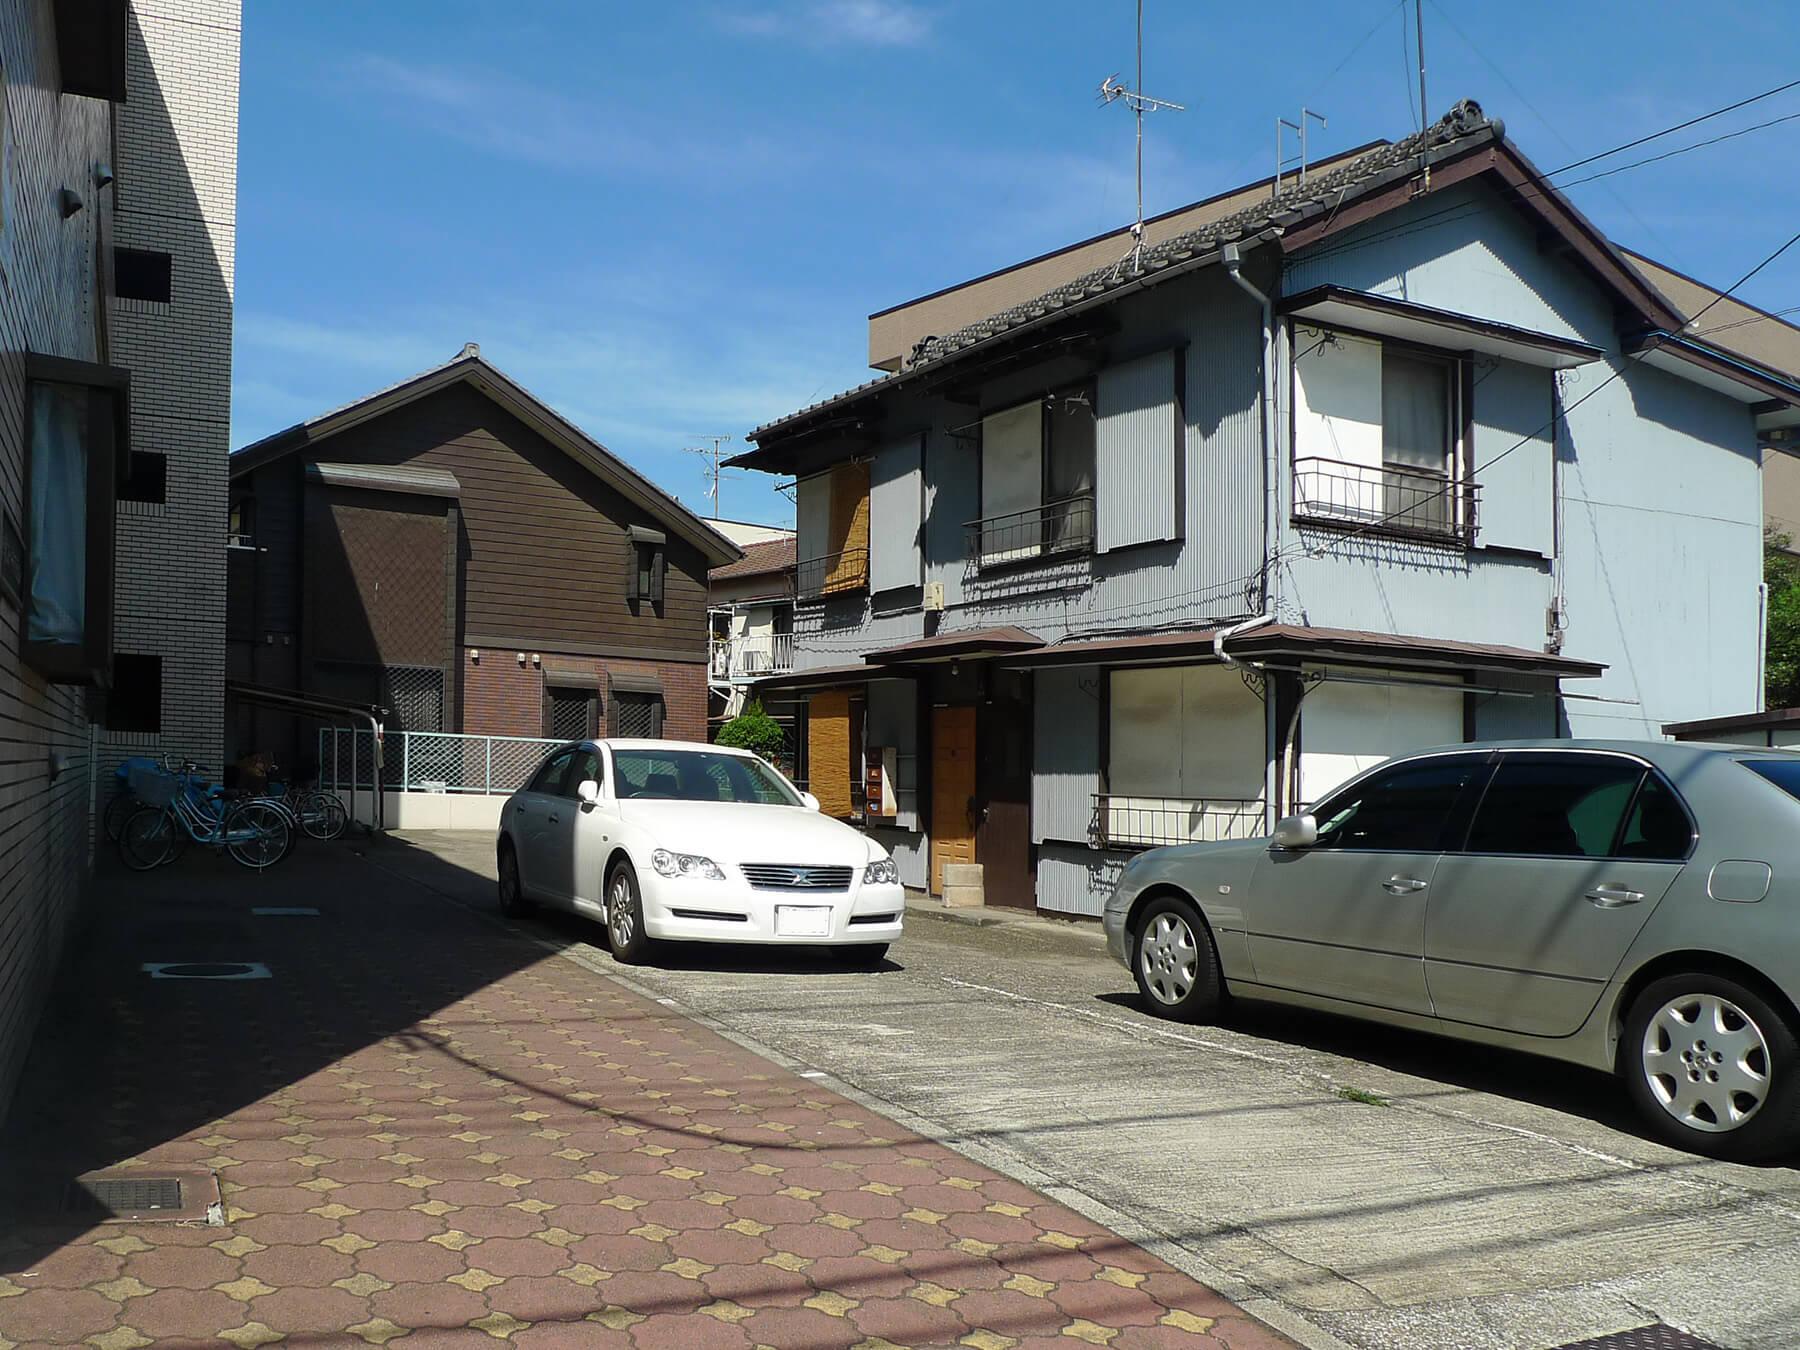 隣接する風呂なしアパート4戸/空地/駐車場/駐輪場